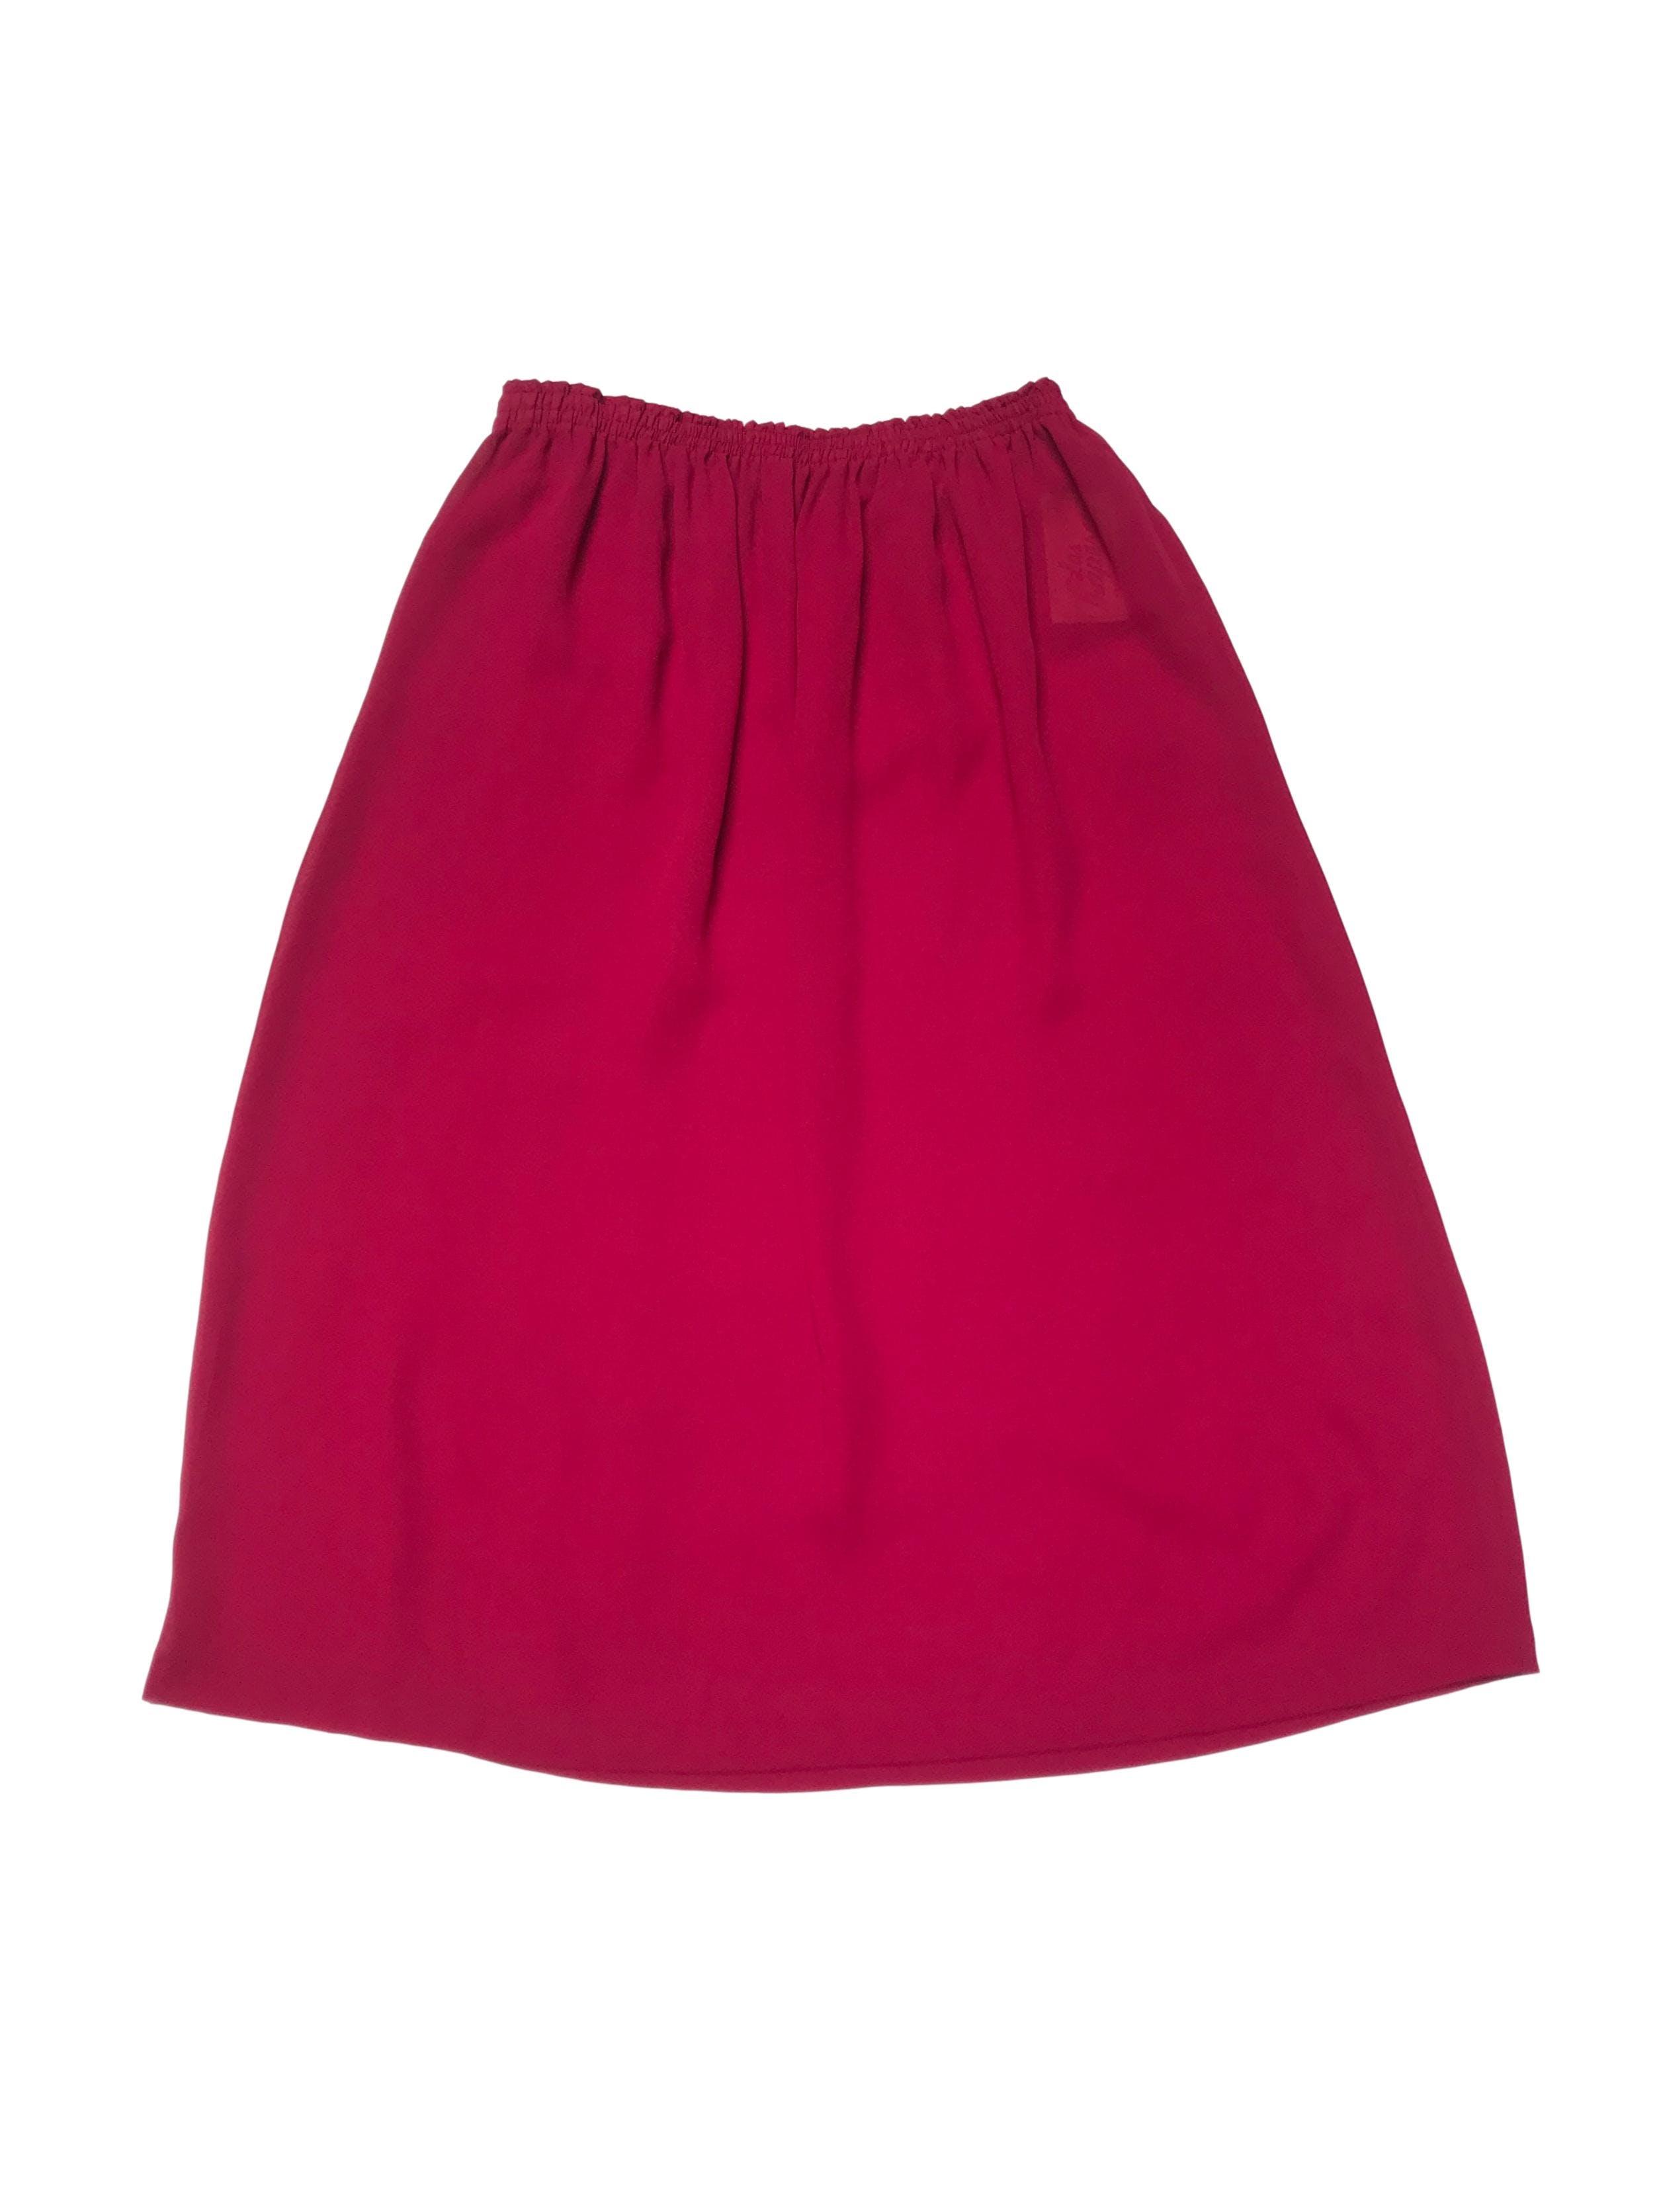 Falda de gasa guinda con elástico en la cintura. Úsala con forro